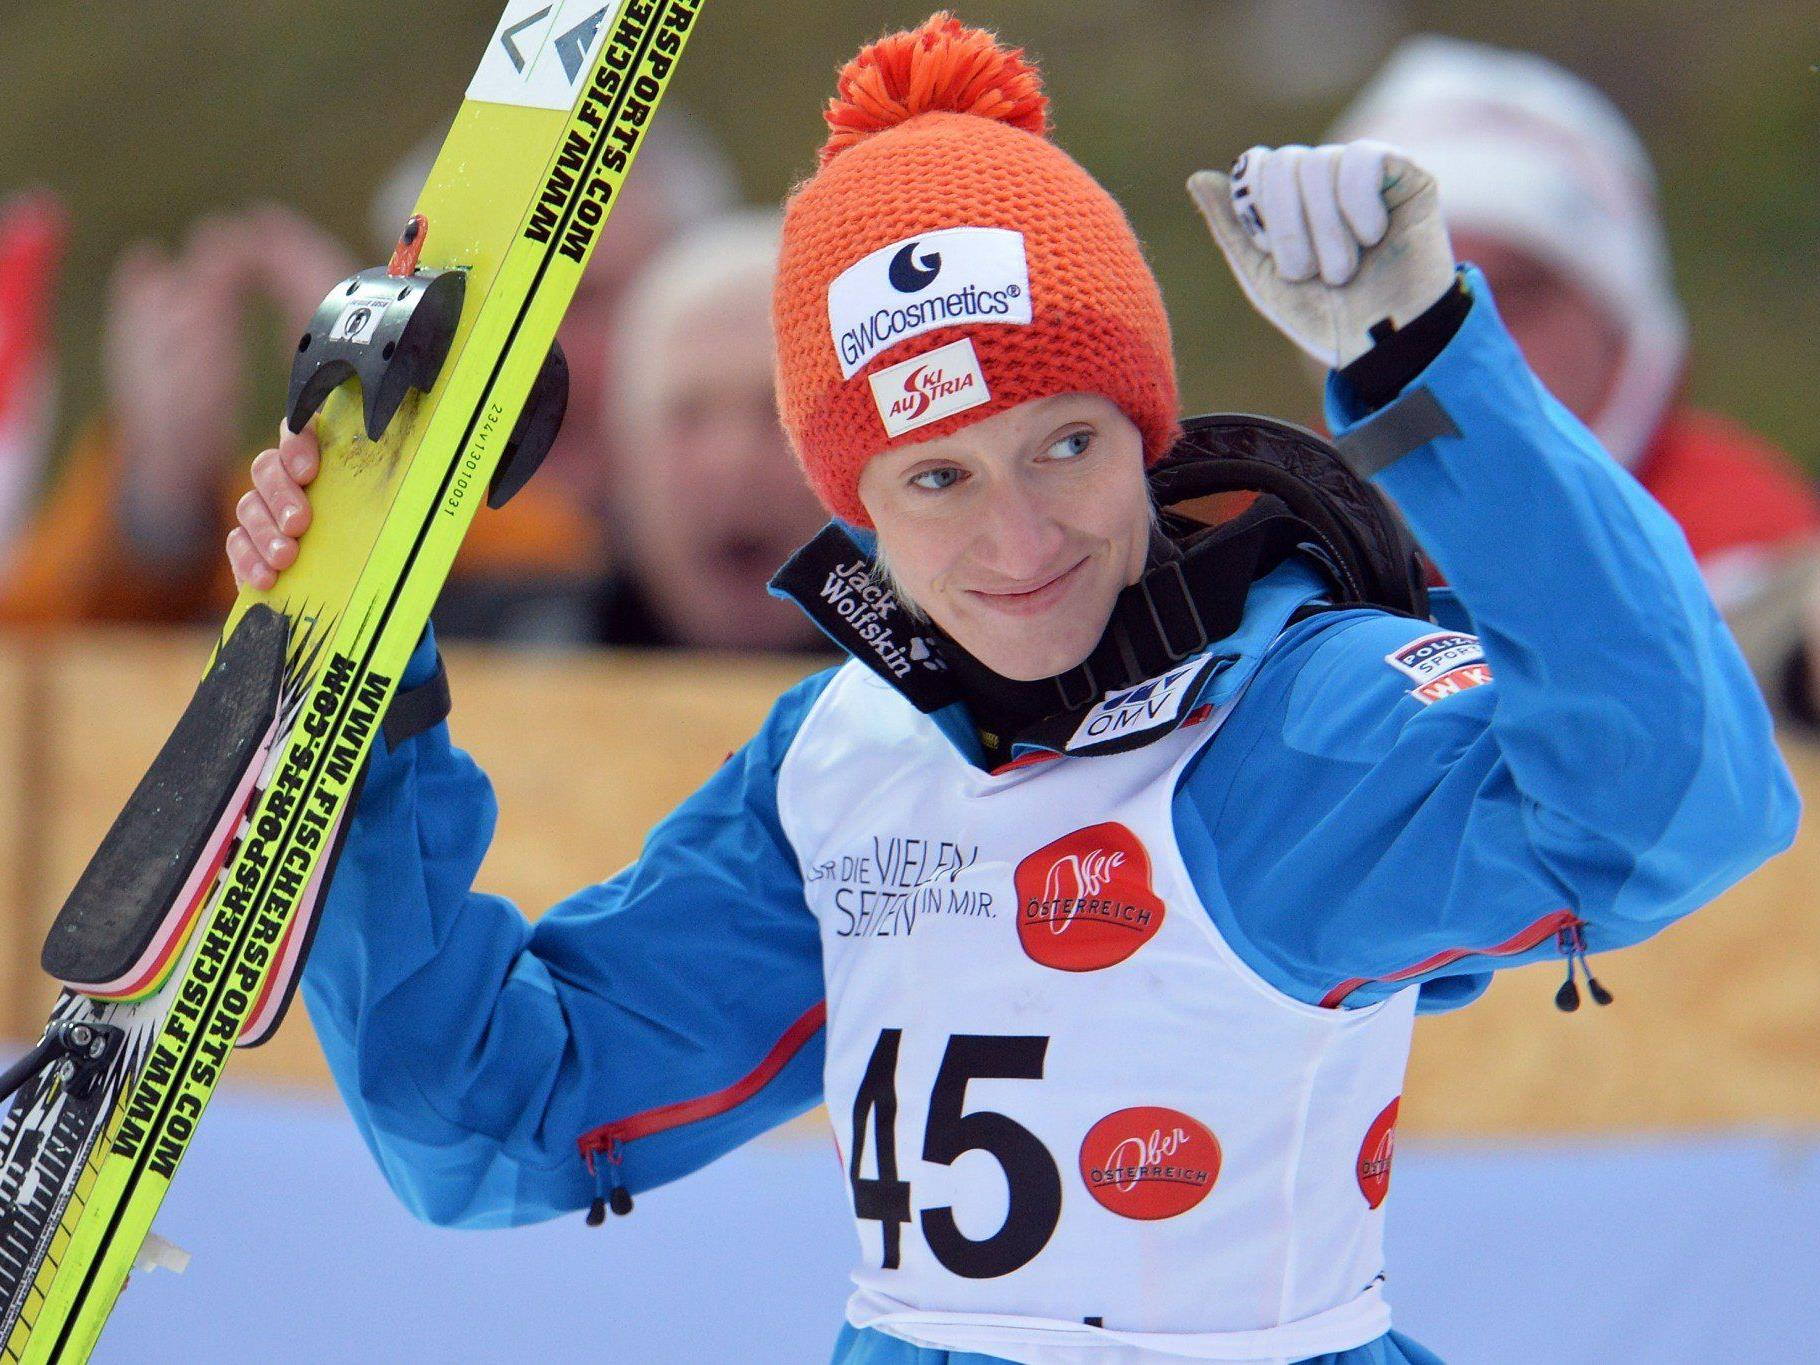 Skispringerin Daniela Iraschko-Stolz bekennt sich offen zu einer gleichgeschlechtlichen Beziehung.